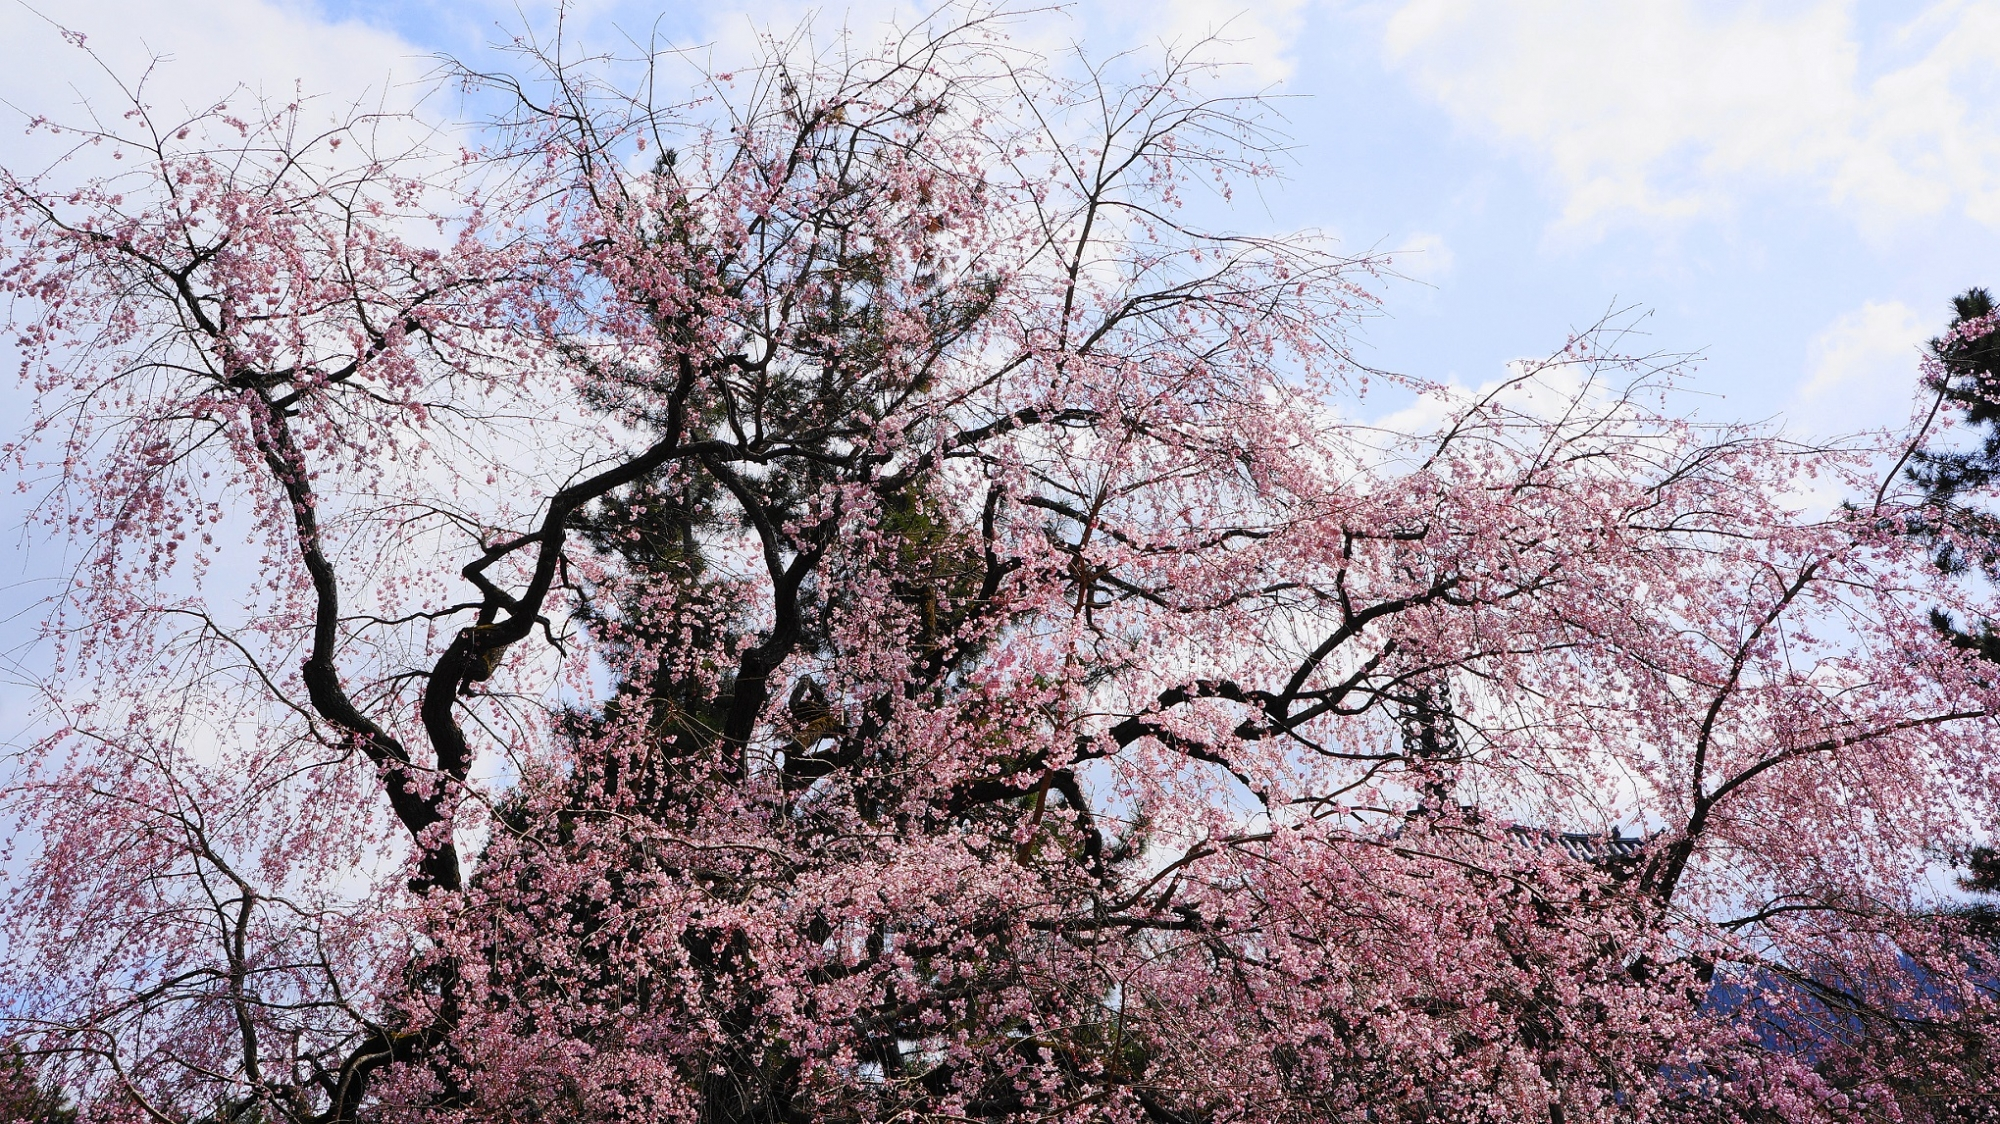 醍醐寺 桜 満開 五重塔 醍醐の花見